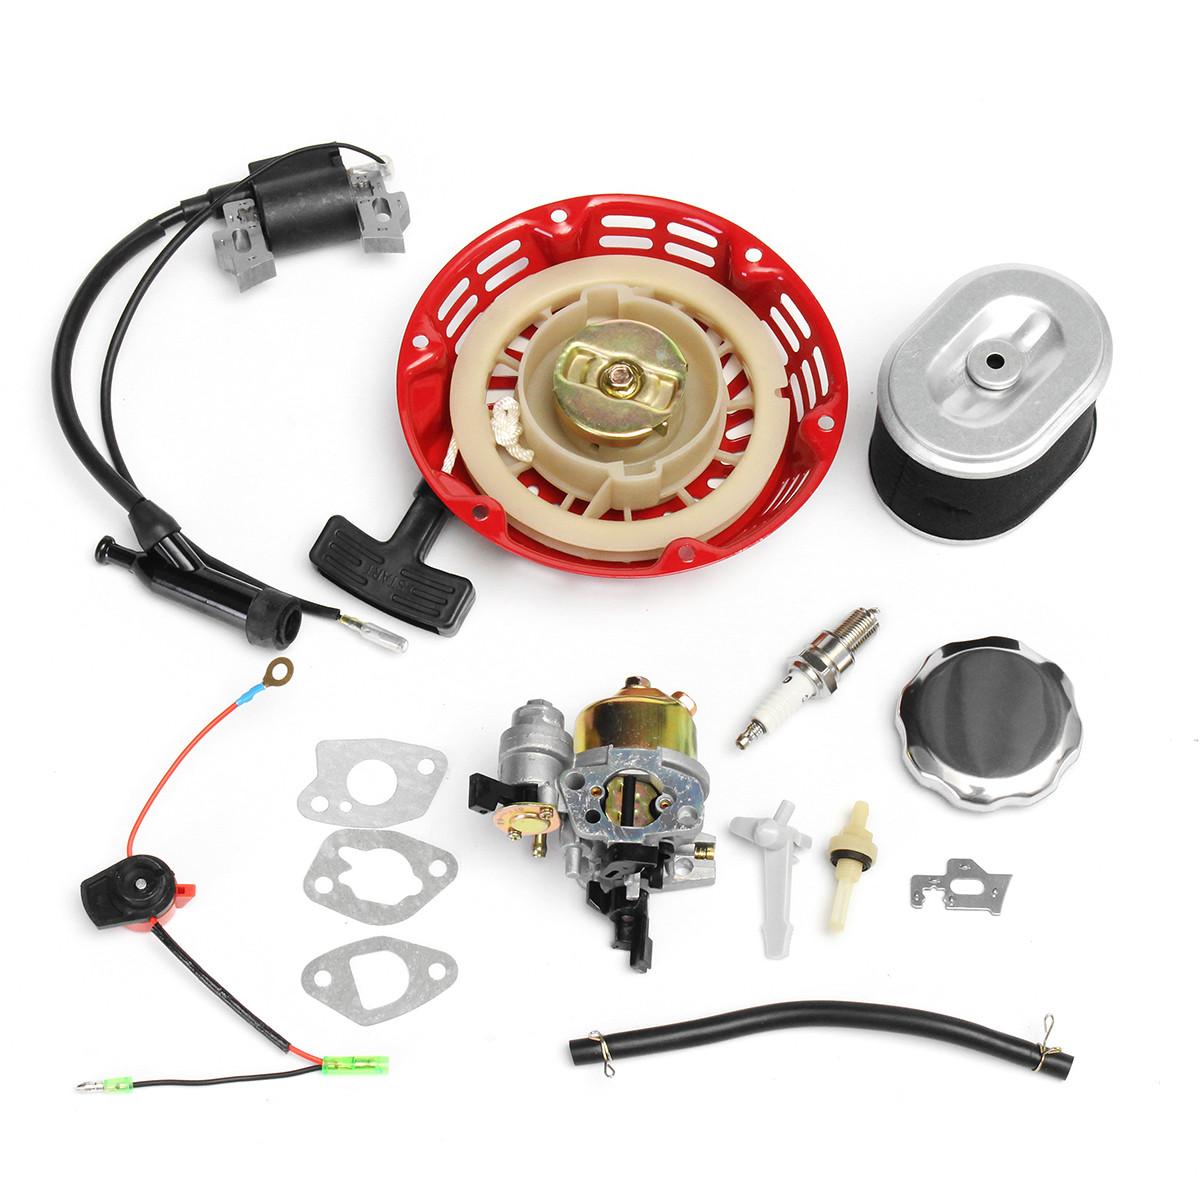 Катушка карбюратора Катушка зажигания Spark Заглушка Воздушный фильтр Газ для Honda GX160 GX200 1TopShop